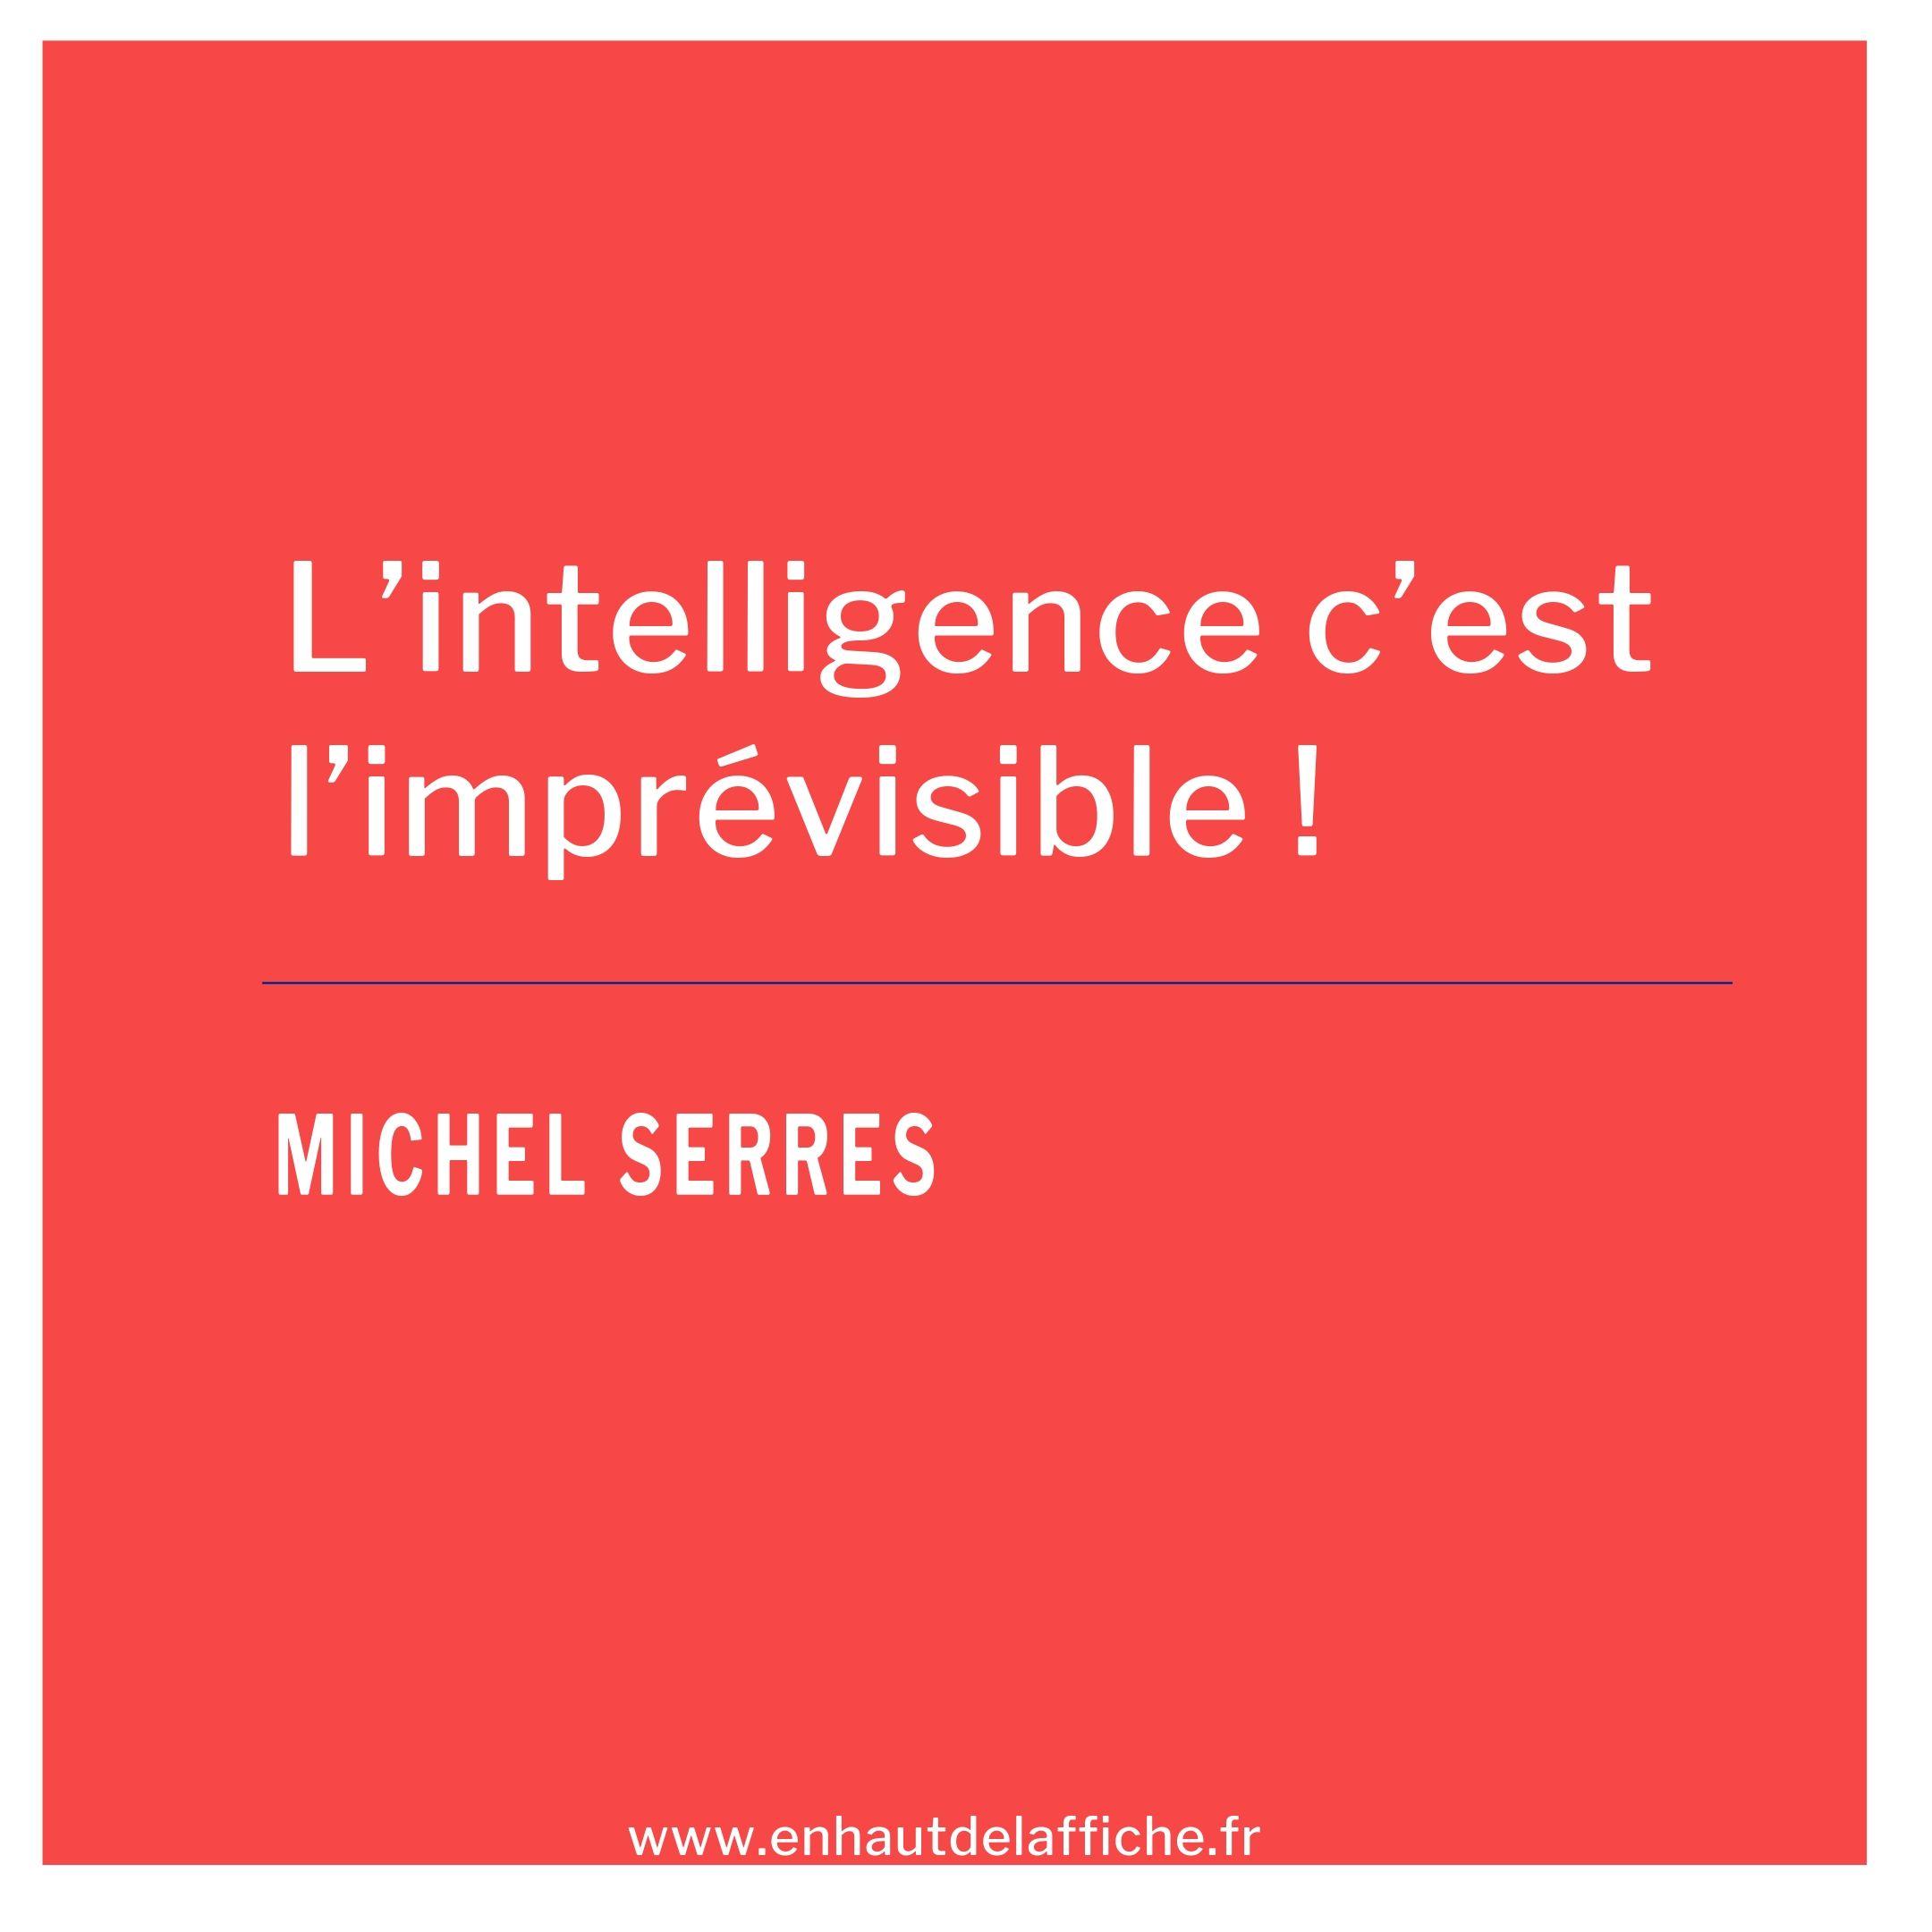 citation Michel serres